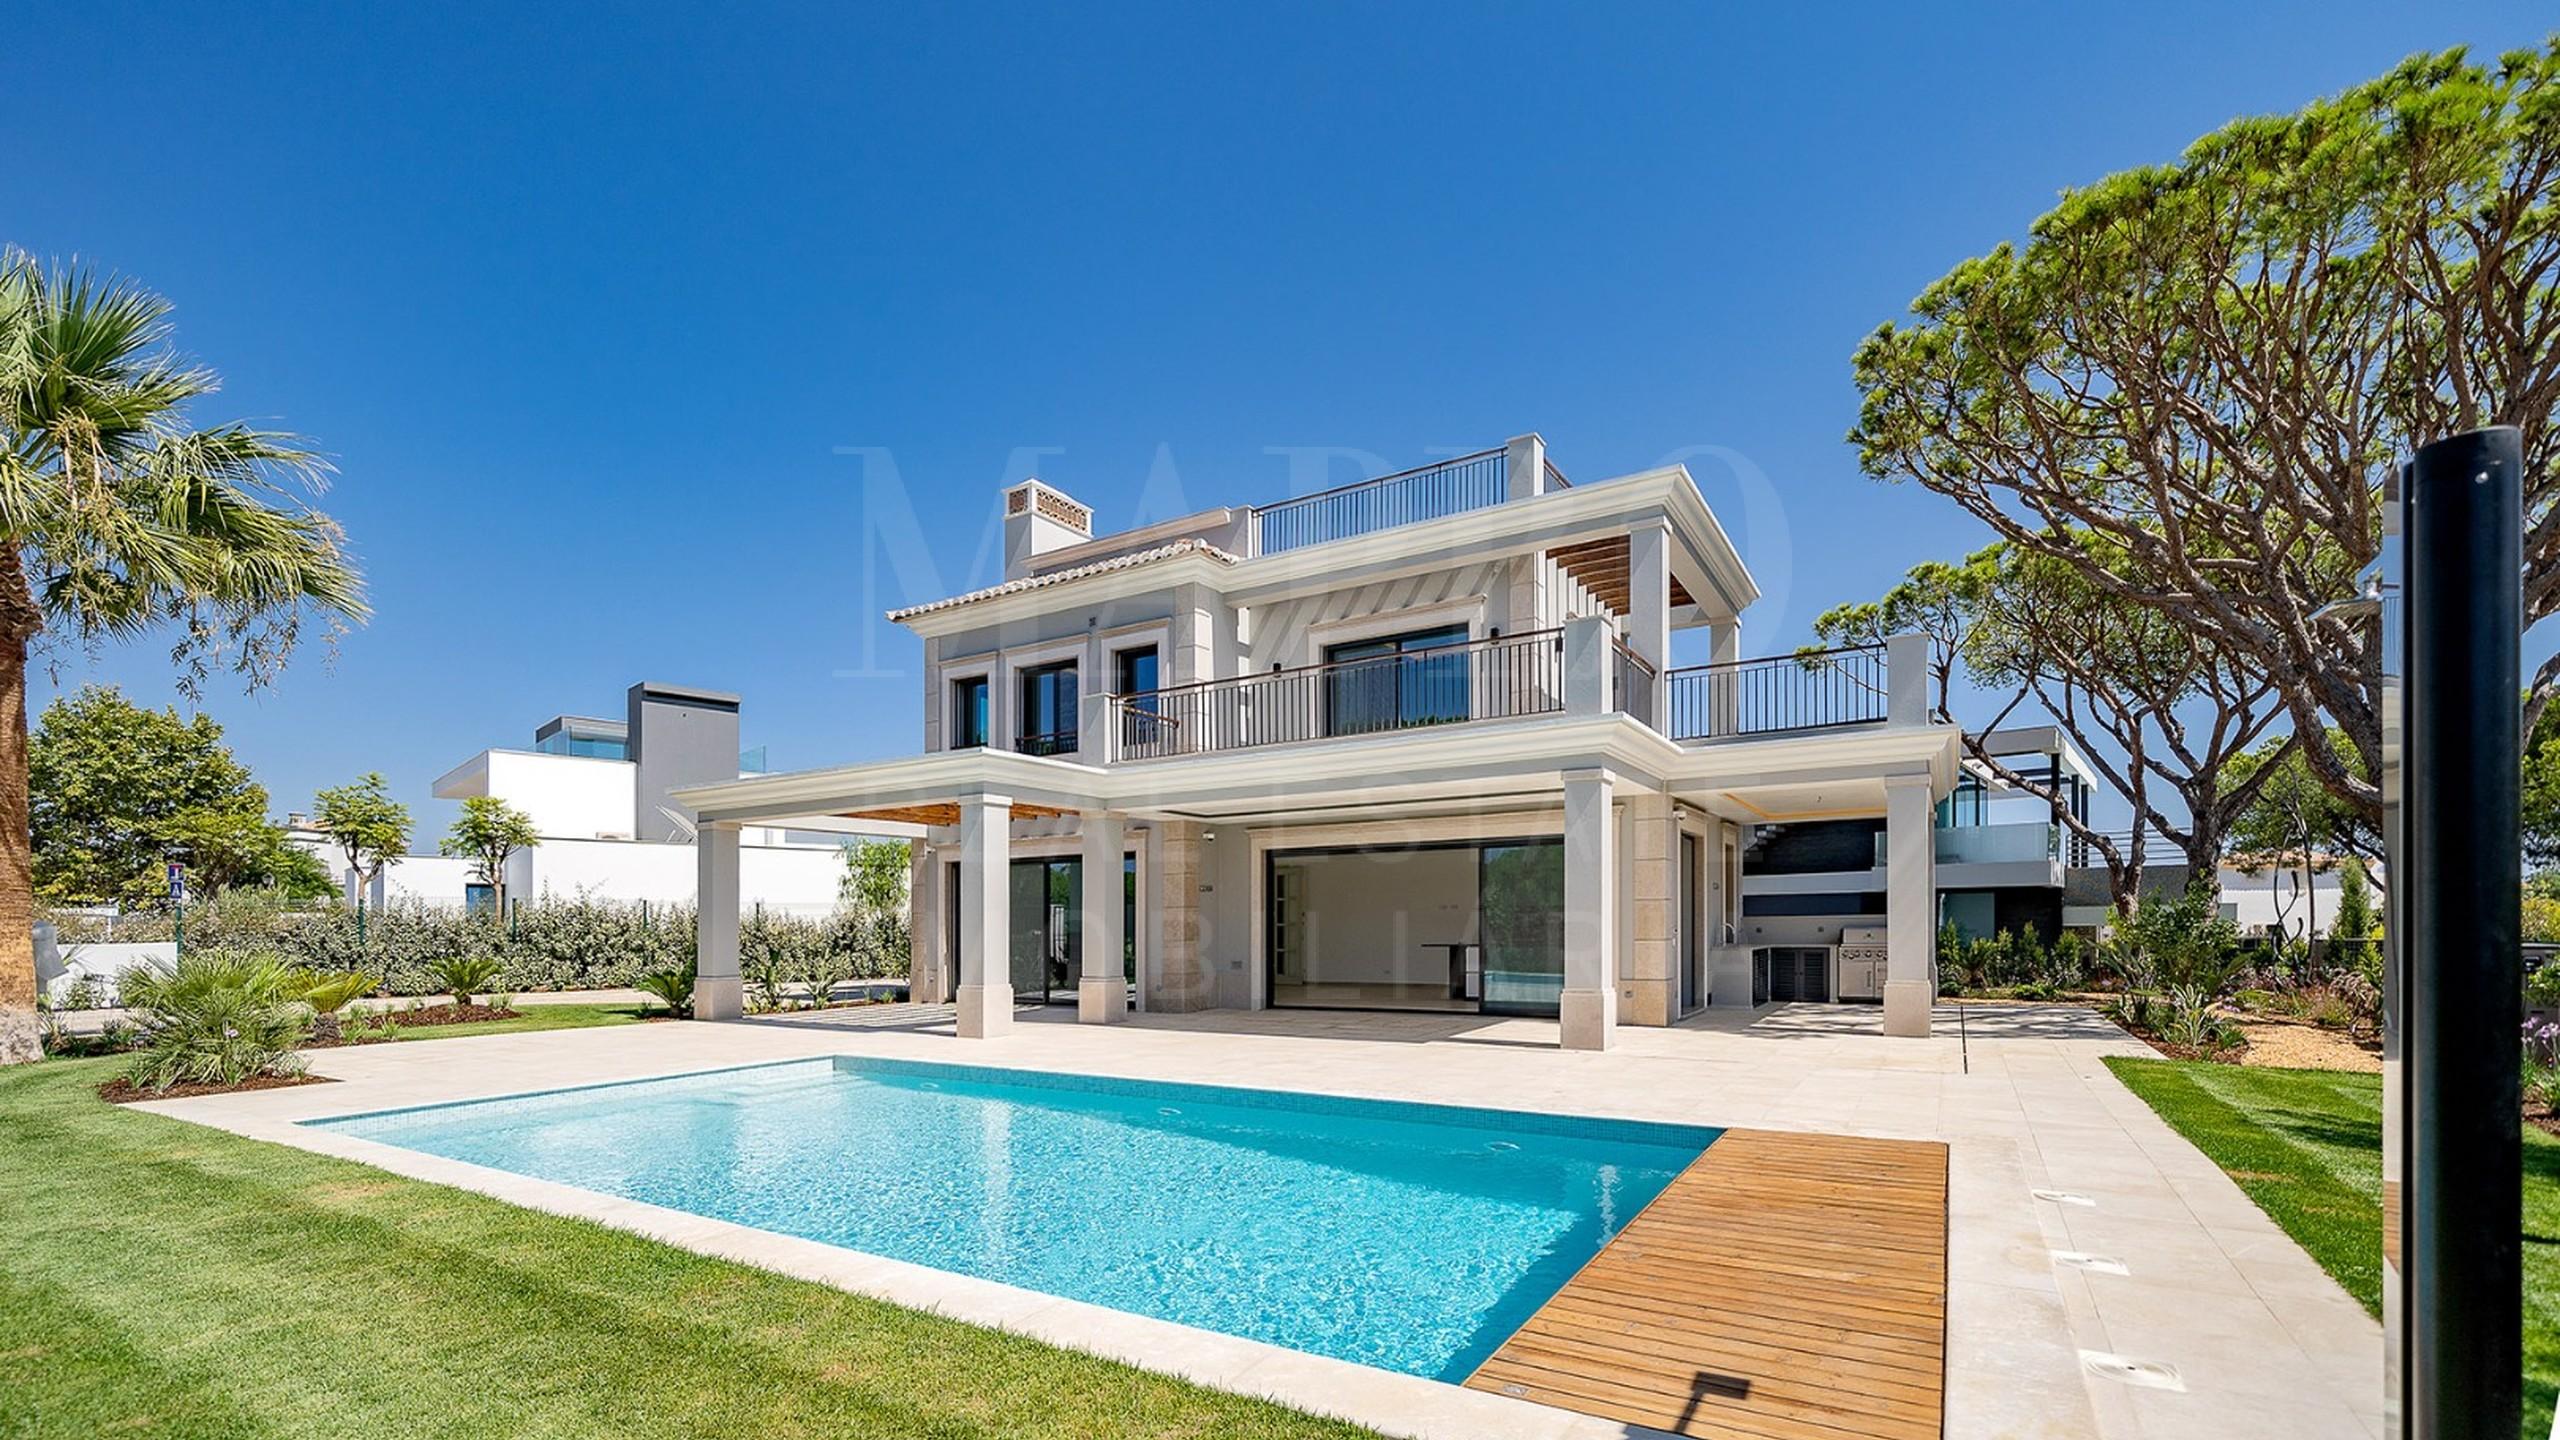 5 bedroom villa for sale in Vale do Lobo